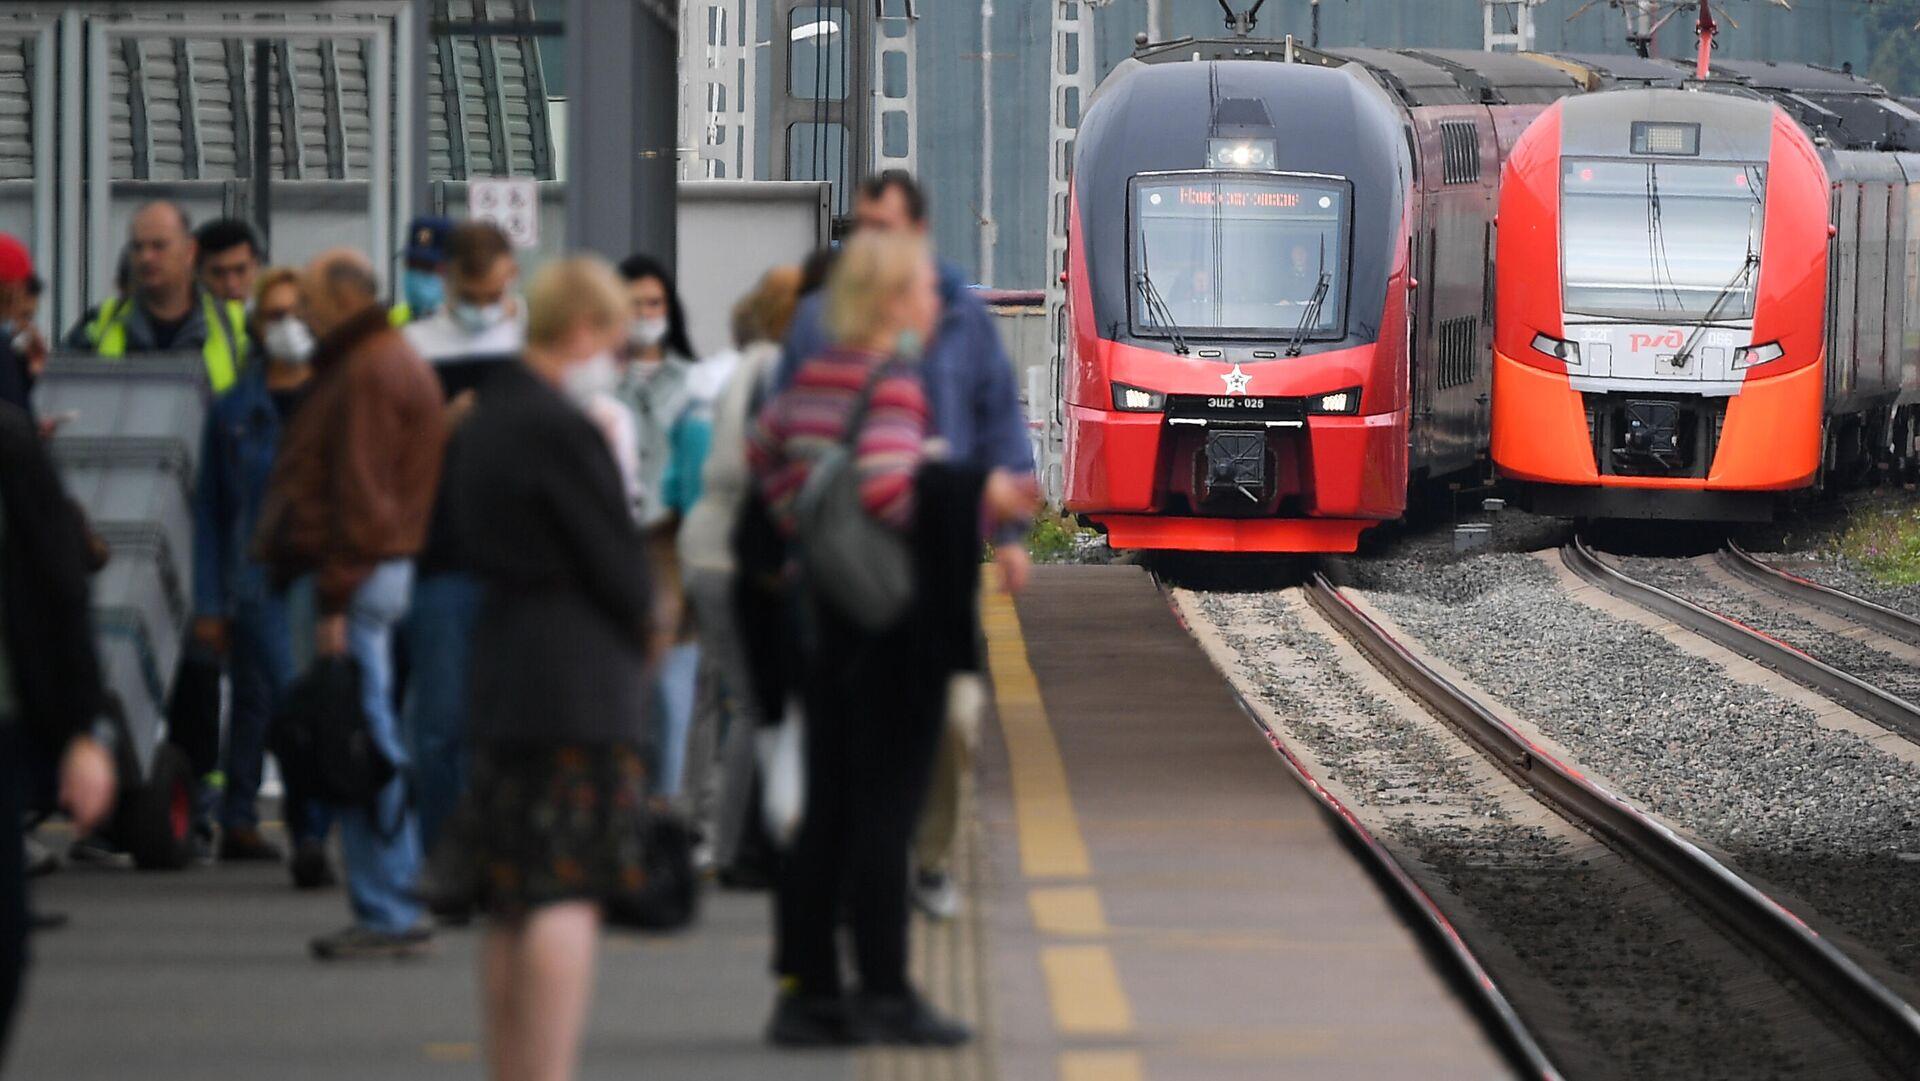 Двухэтажный поезд Штадлер запустили на МЦК в тестовом режиме - РИА Новости, 1920, 31.08.2021